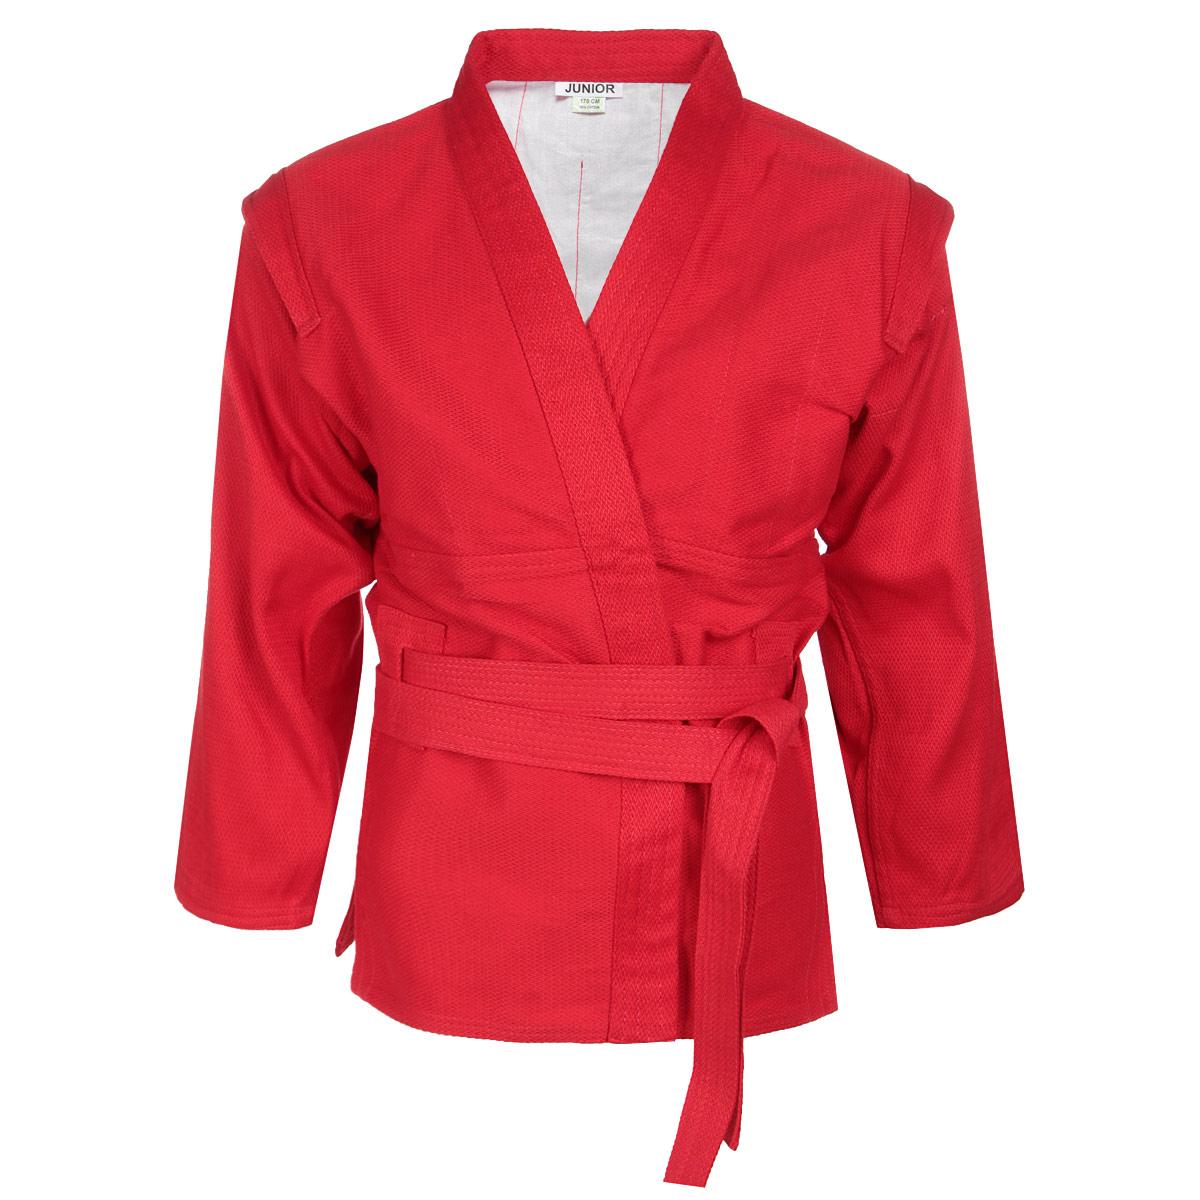 Кимоно детское для самбо Junior. SСJ-2201SСJ-2201Детское кимоно для самбо Green Hill Junior с глубоким запахом, боковыми разрезами и длинным рукавом изготовлено из плотного хлопка (плотность 300 г/м2) с плетением елочка. На изнаночной стороне для максимального комфорта до линии талии предусмотрена хлопковая подкладка. Боковые швы, края рукавов и полочек, низ изделия укреплены дополнительными строчками. Модель укреплена в подмышечной области. В области верхней части спины имеет особые прорези, в которые вставляется пояс, на плечах добавлены выступающие крылышки, предназначенные для выполнения захватов. Длинный плотный пояс укреплен многорядной прострочкой.